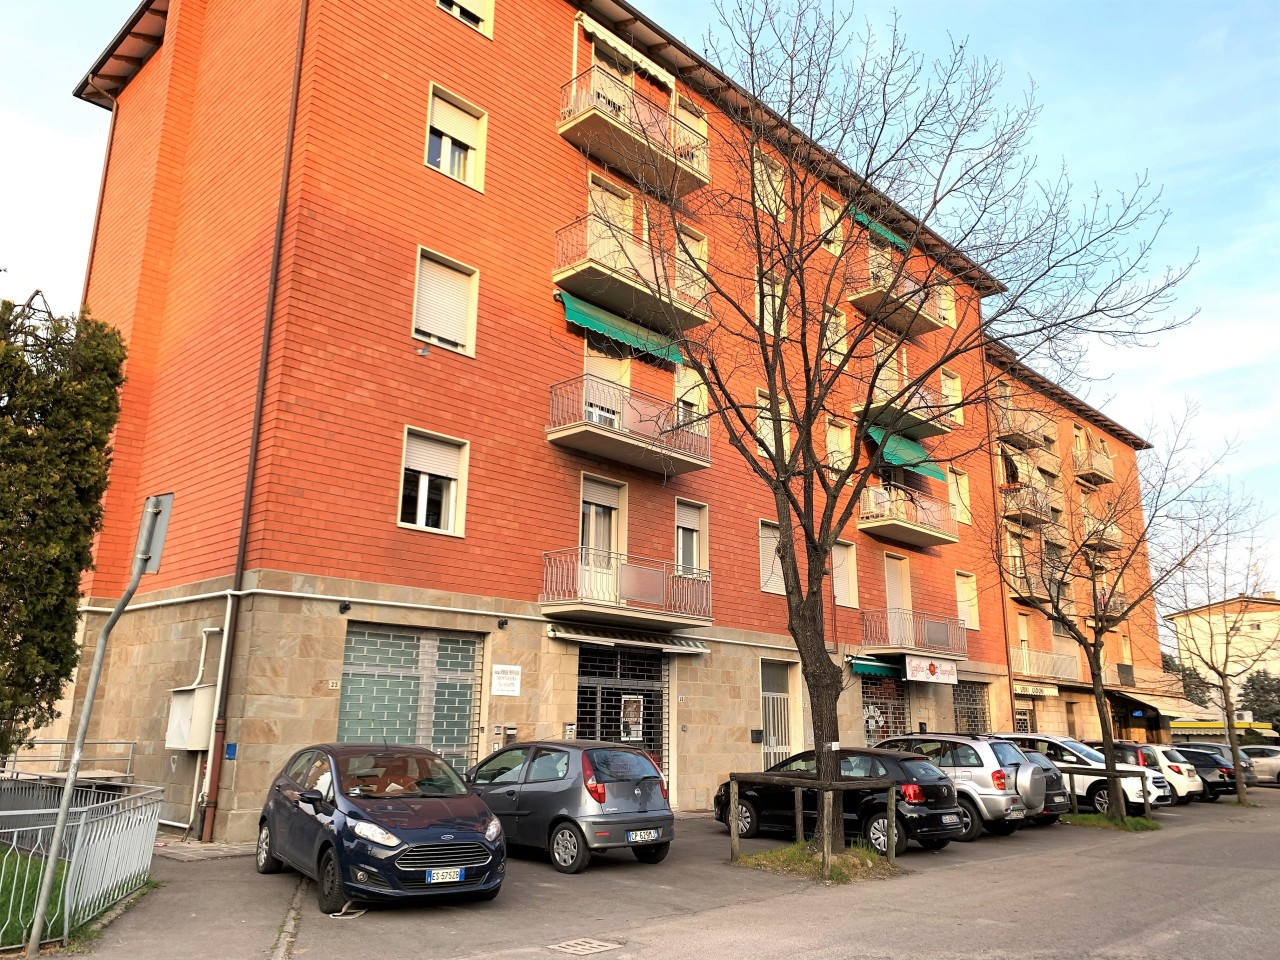 Artigianale - Laboratorio a Ozzano dell'Emilia Rif. 9847396